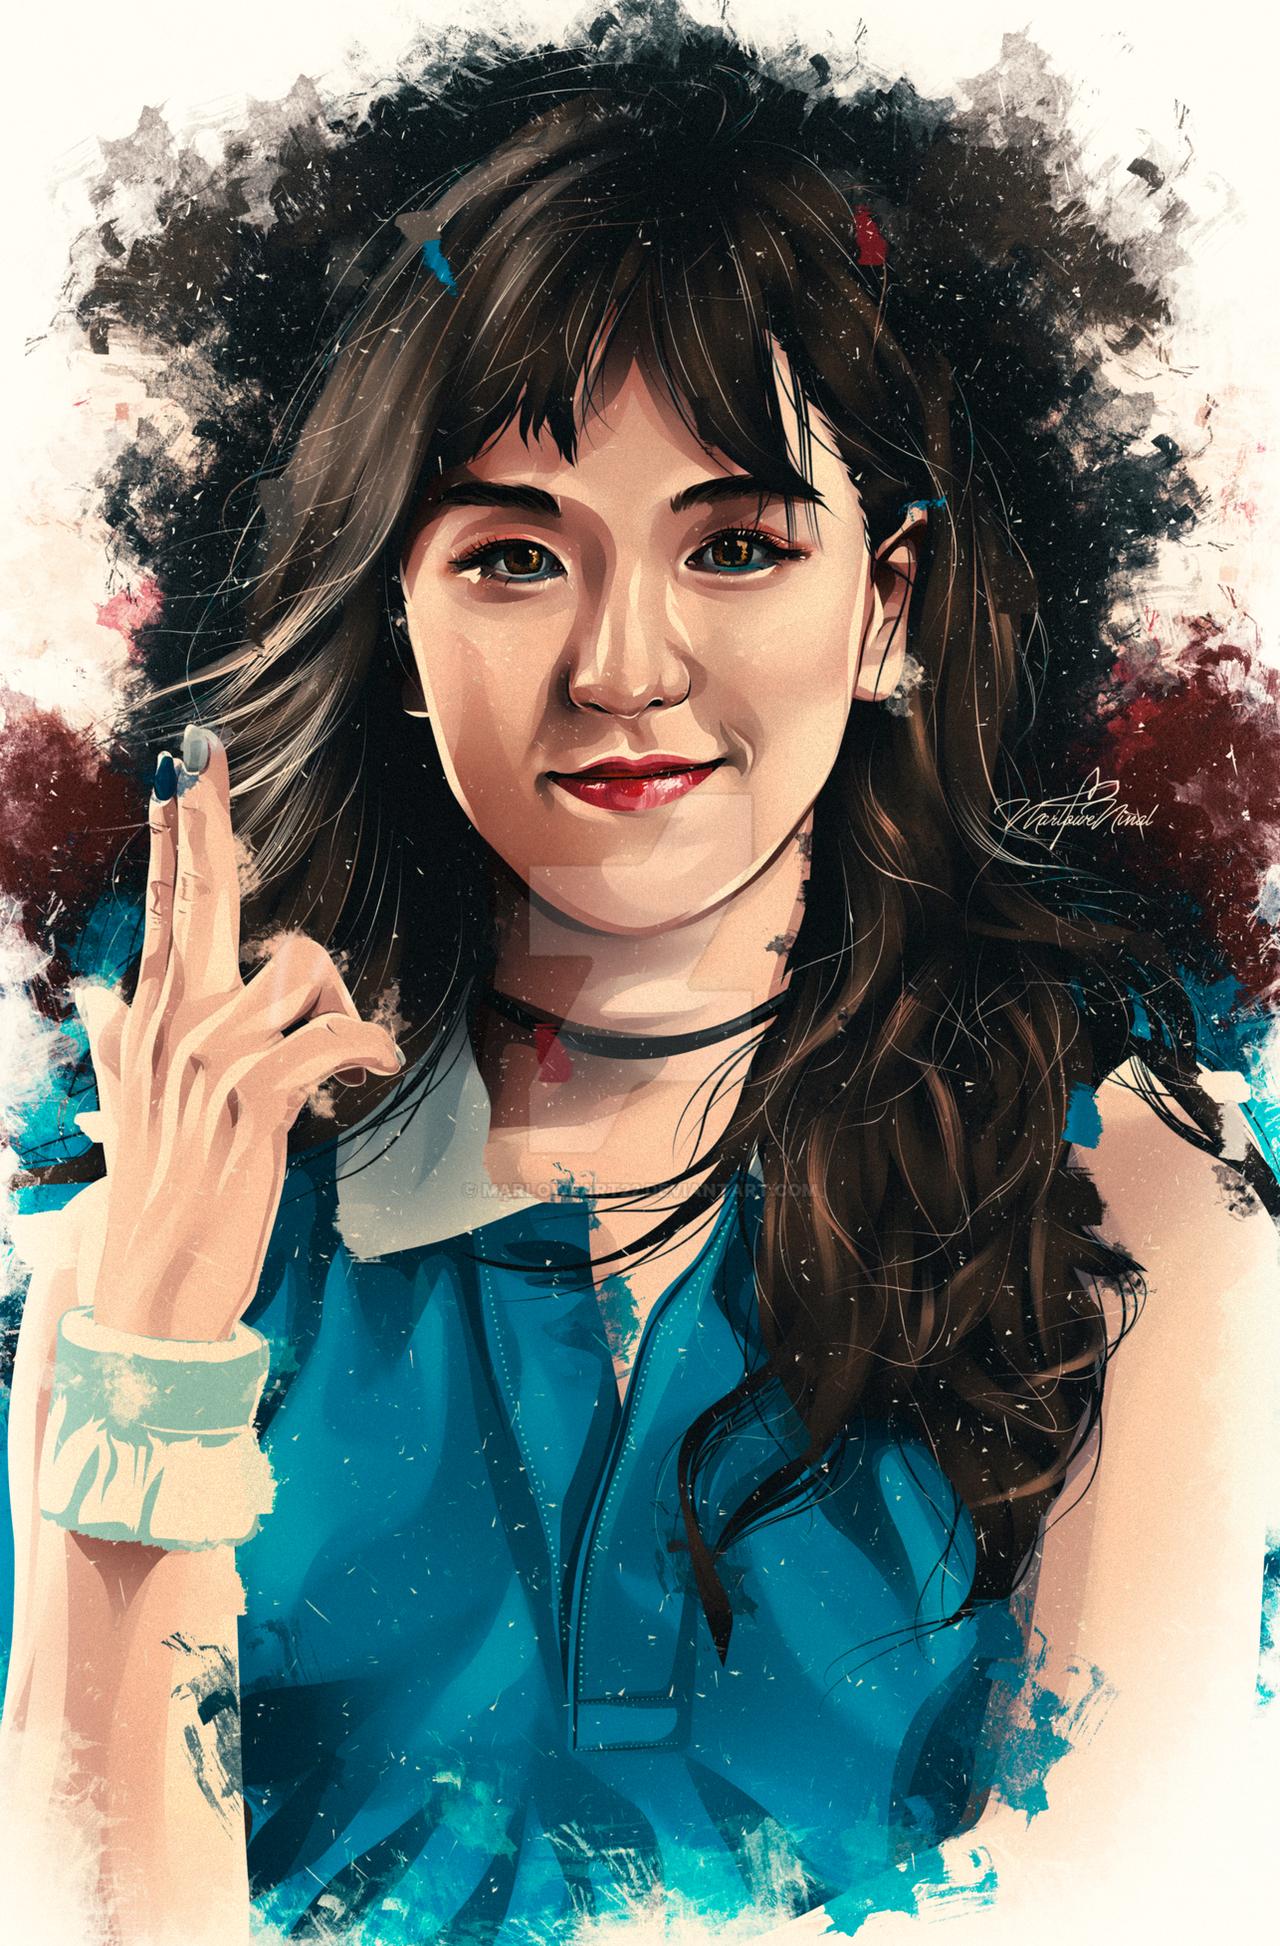 Wendy Red Velvet Fan Art by MarloweART22 on DeviantArt